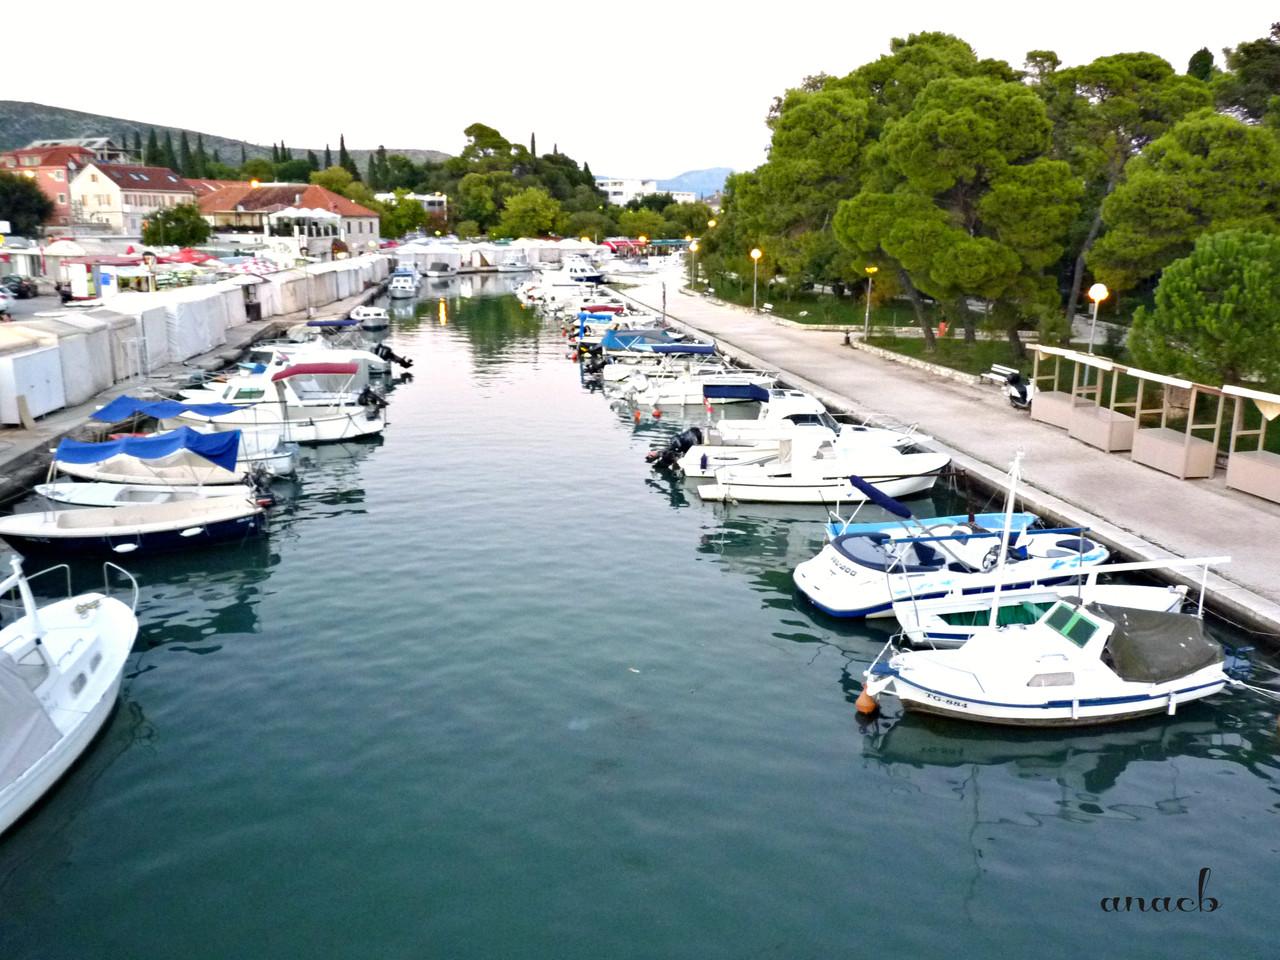 Trogir - Marina - viajarporquesim.blogs.pt.jpg